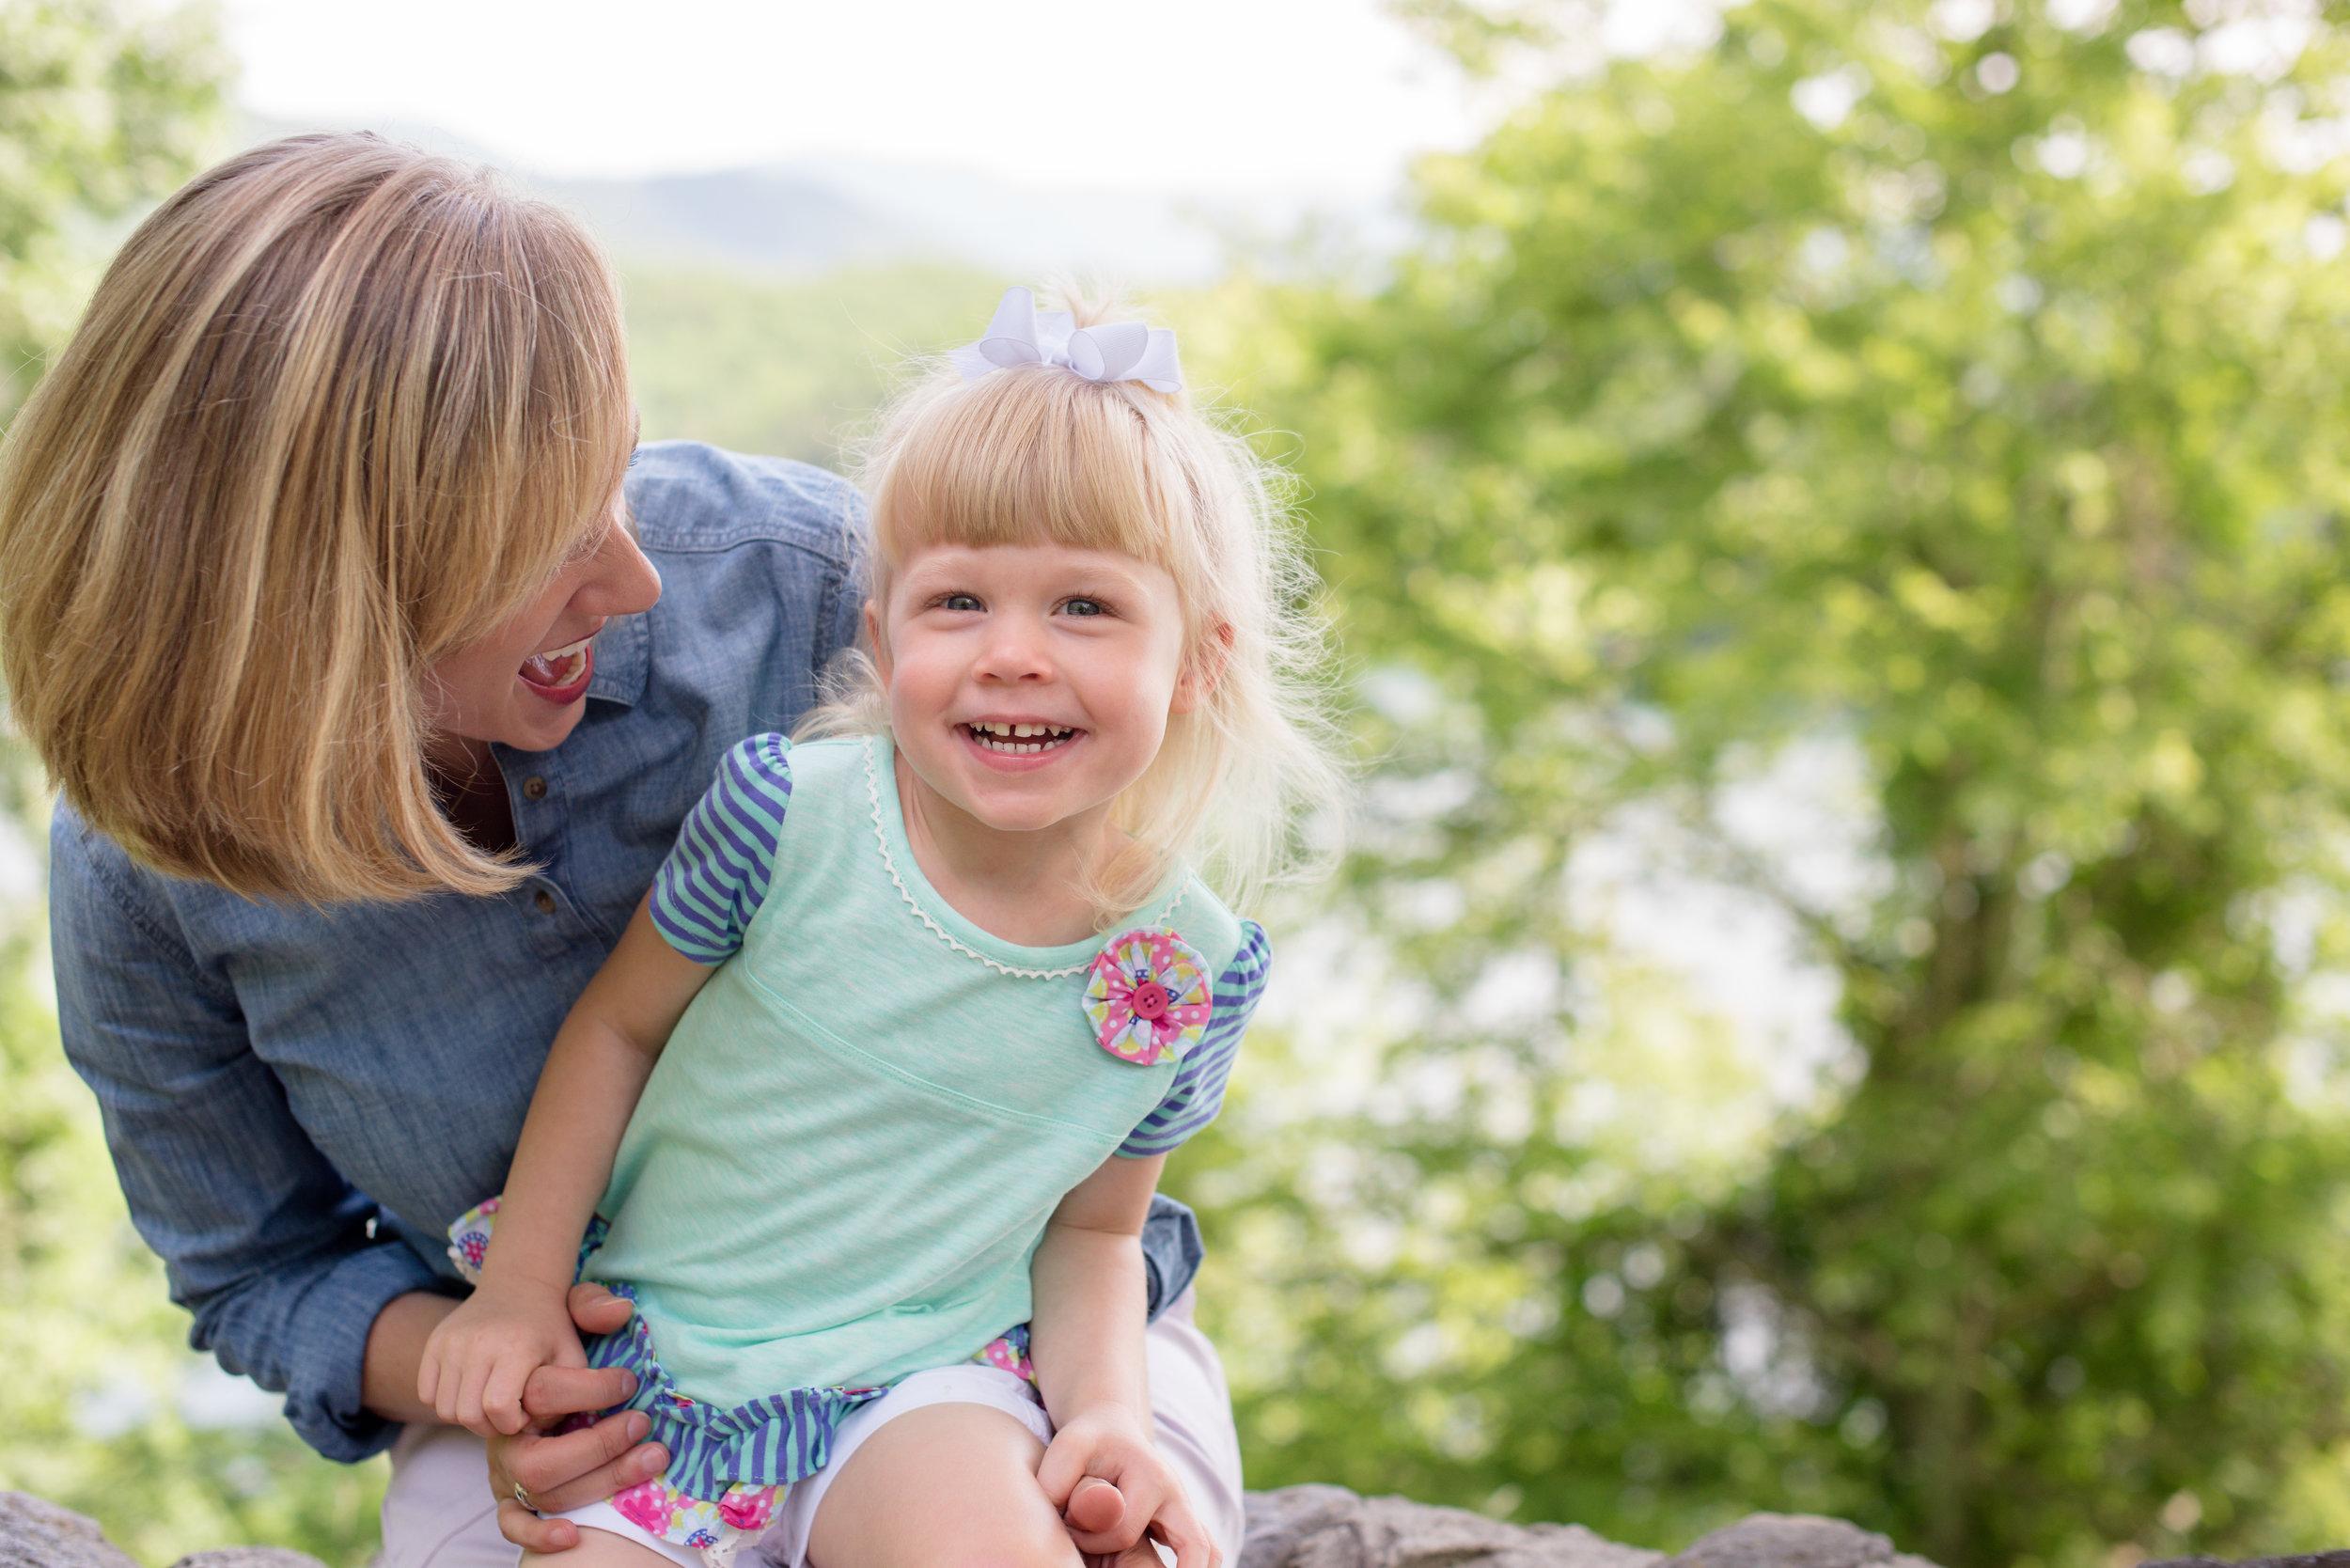 JuliaMatthewsPhotography_MadisonWisconsinFamilyPhotography_Families-2.jpg